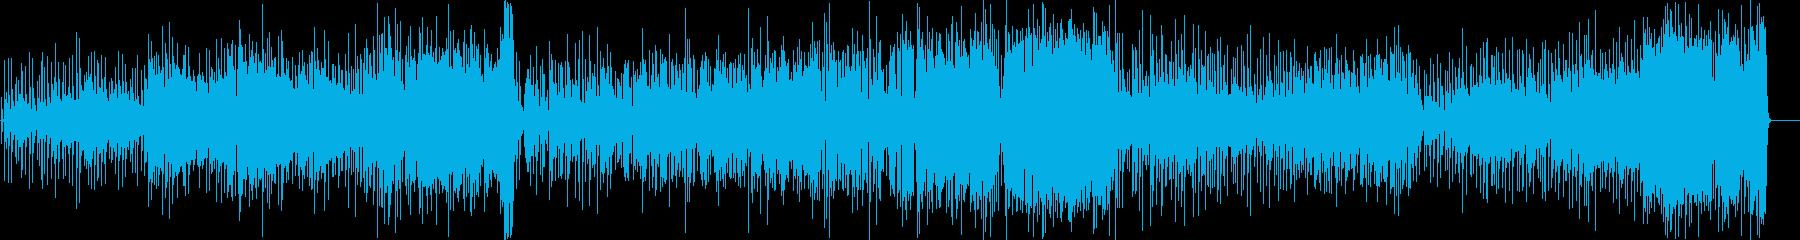 ジャズインスト洗練された複雑なメト...の再生済みの波形